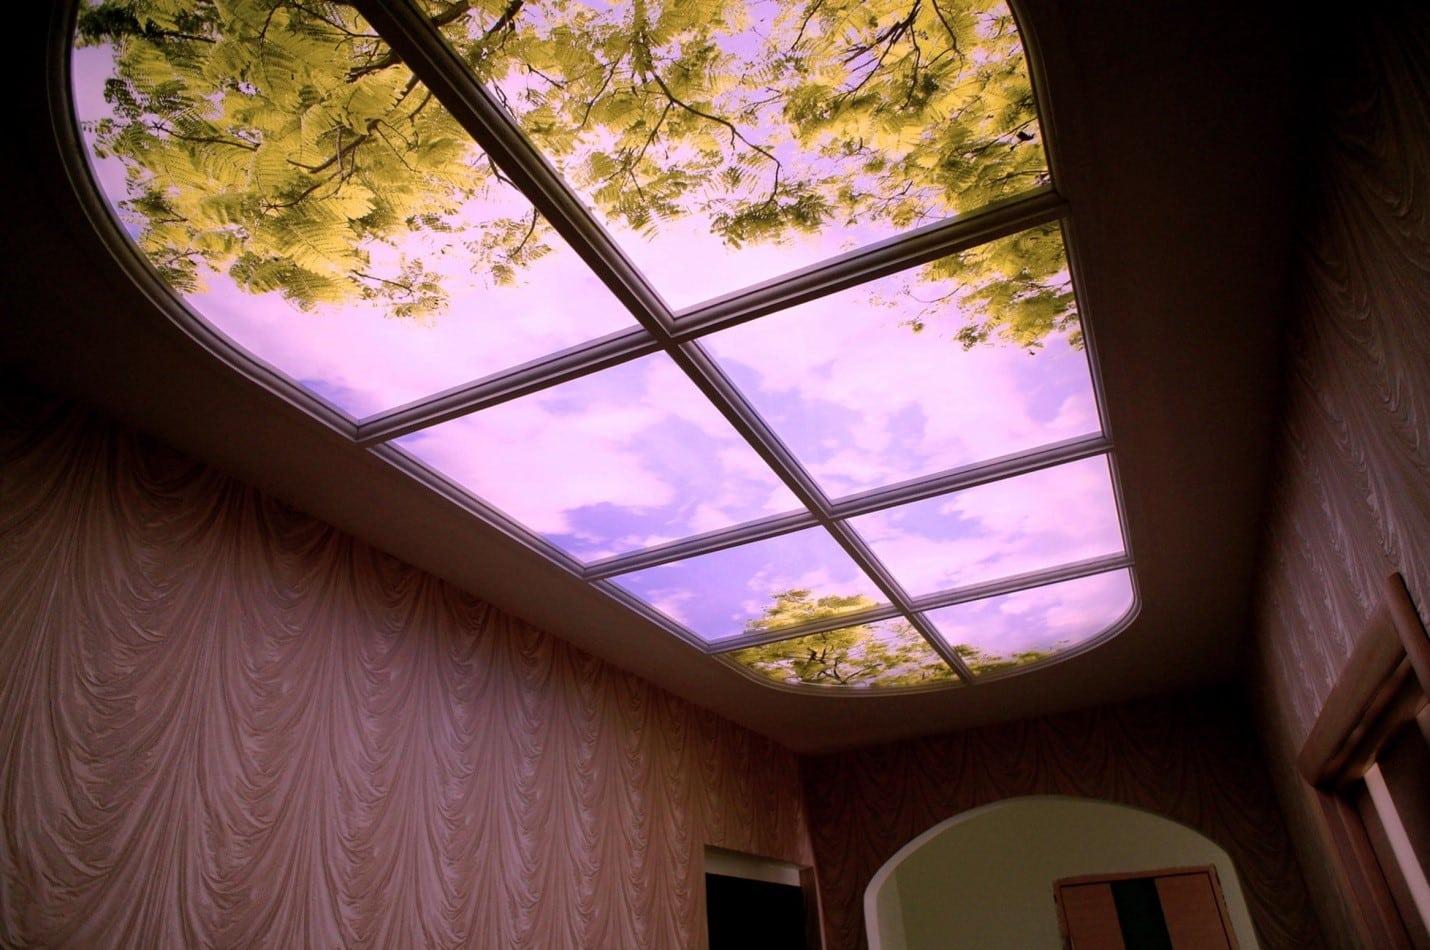 Фальш-окно на потолке | Как сделать фальш-окно своими руками